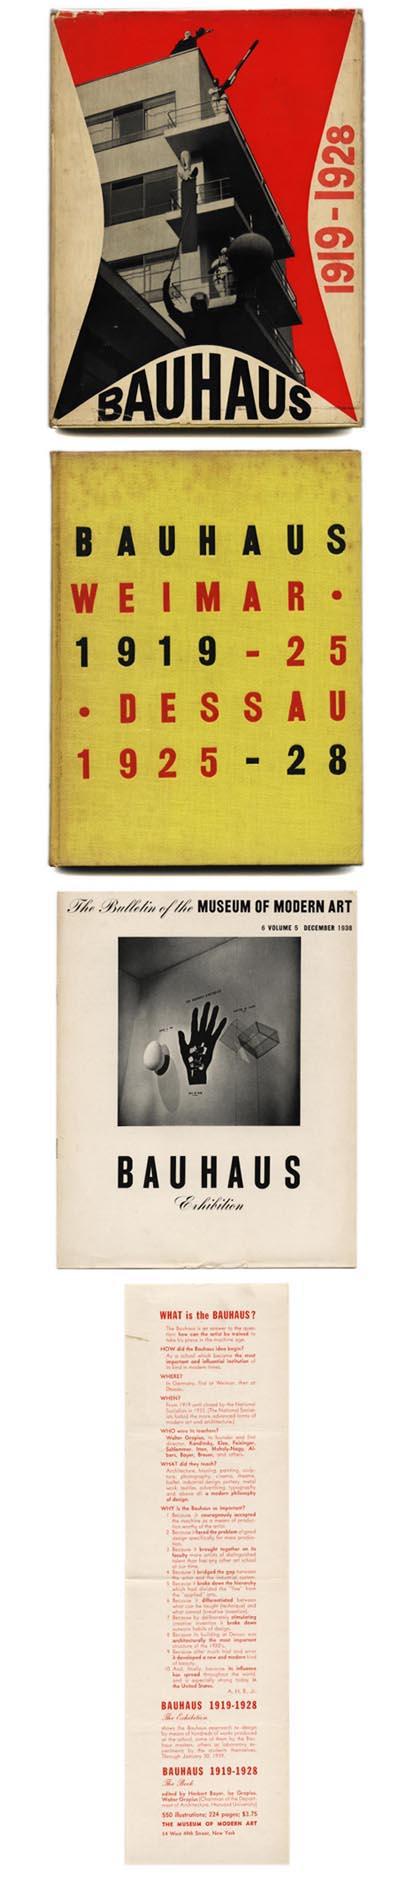 Bayer, Gropius and Gropius [Editors]: BAUHAUS 1919-1928. New York: Museum of Modern Art, 1938. With Museum of Modern Art Bauhaus Exhibition ephemera laid in.